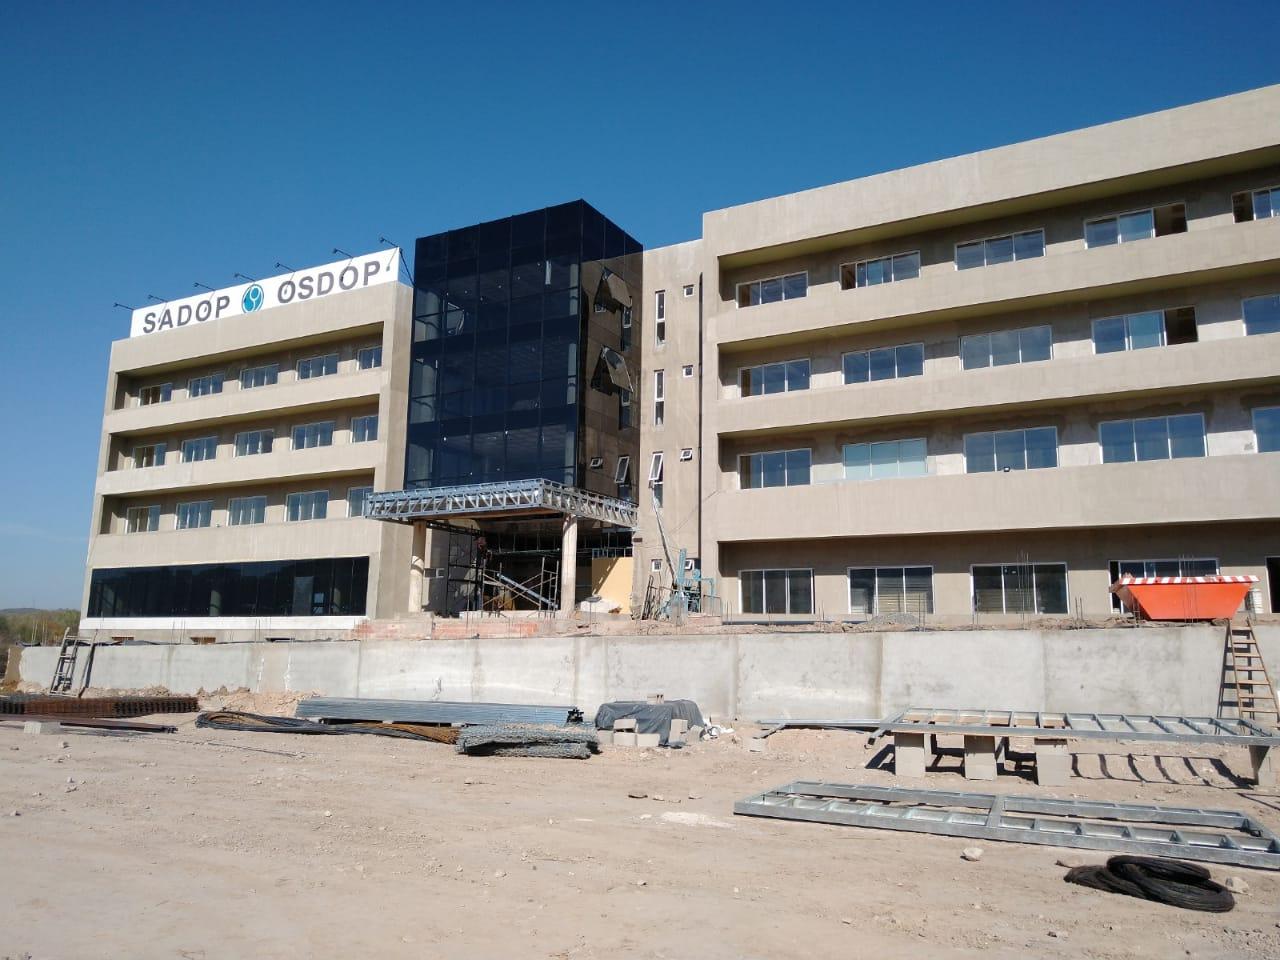 En este momento estás viendo El Hotel de SADOP avanza a paso firme